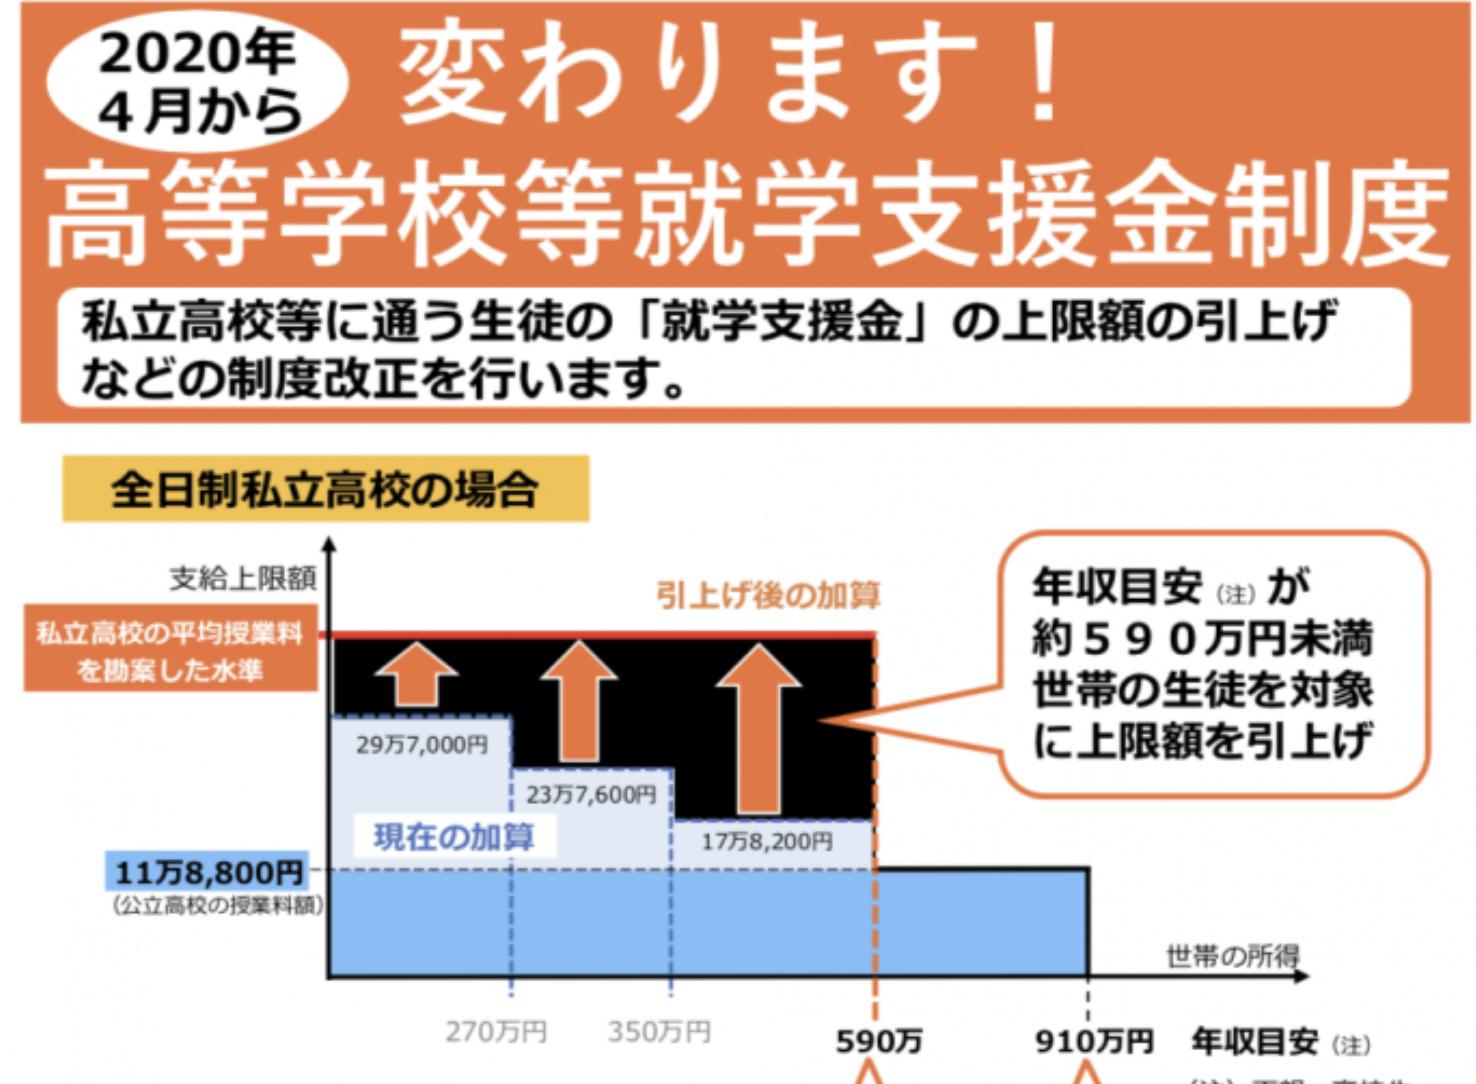 大阪 私立 高校 説明 会 2021